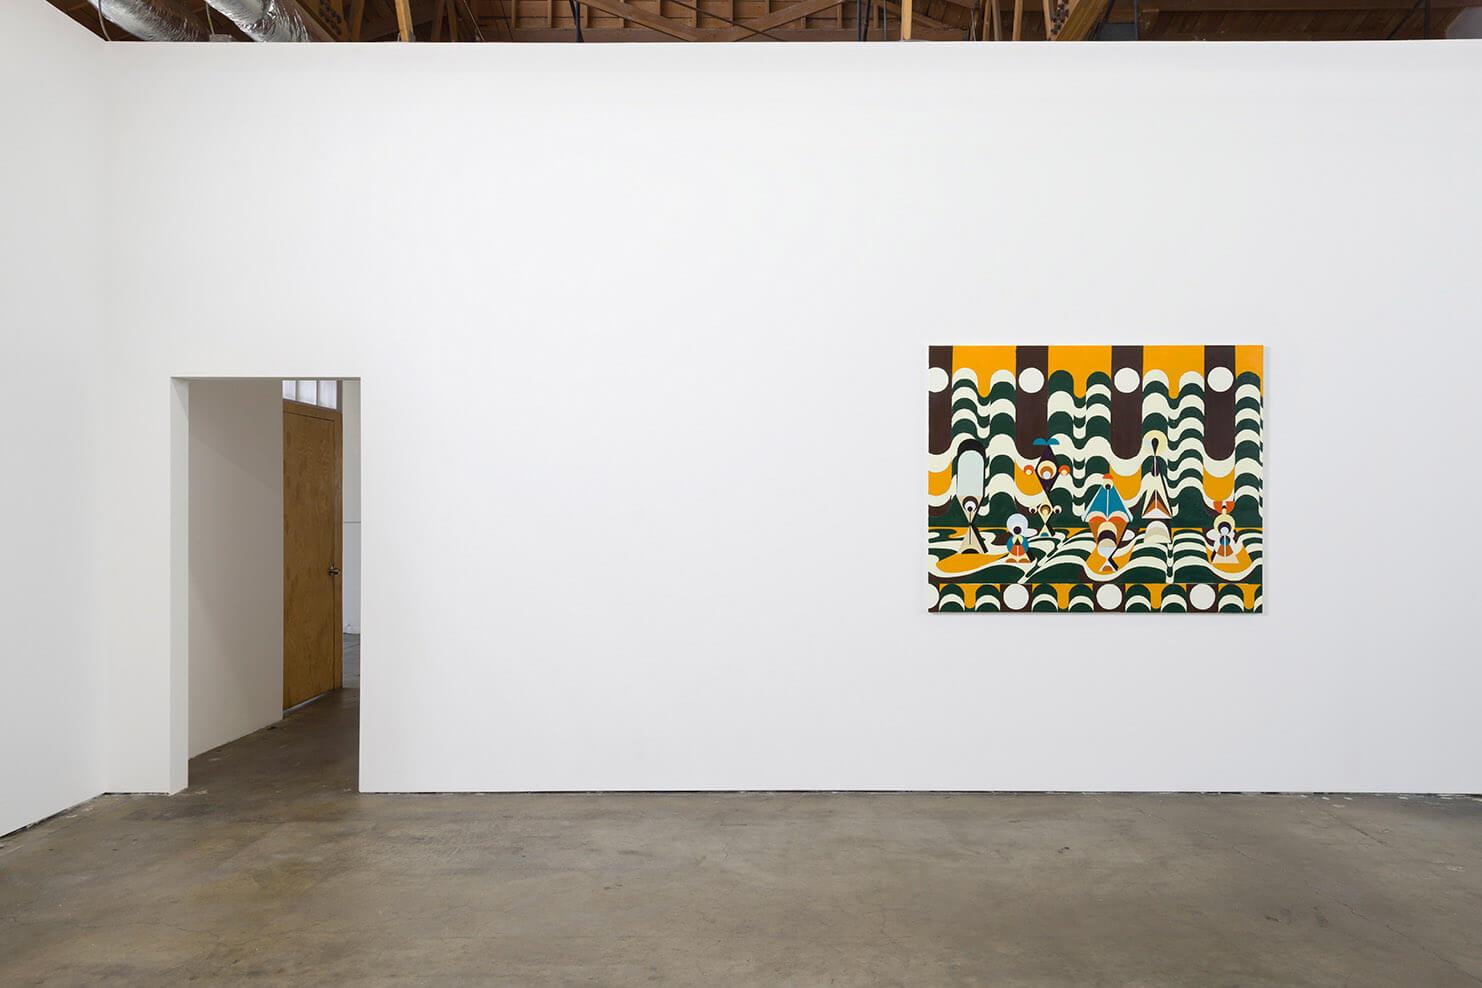 3_Farah Atassi, installation view, Ghebaly Gallery_013 copy